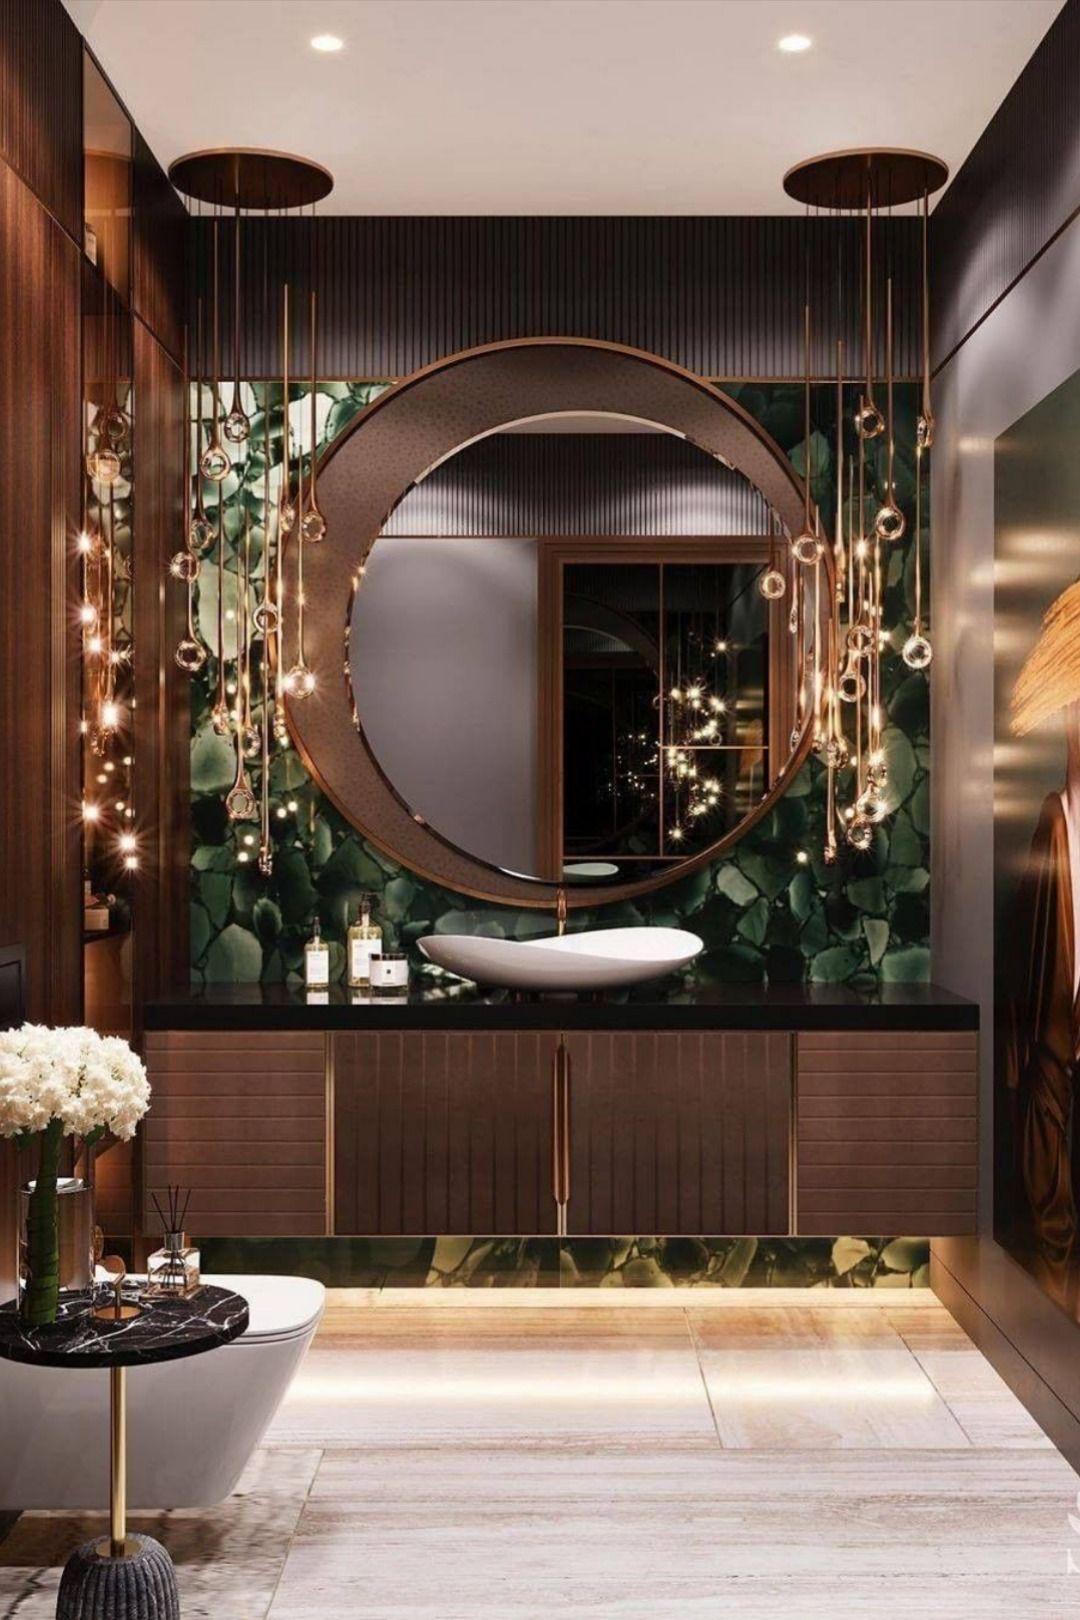 KAYAN | Round Mirror Modern Design by BRABBU in 2020 ...